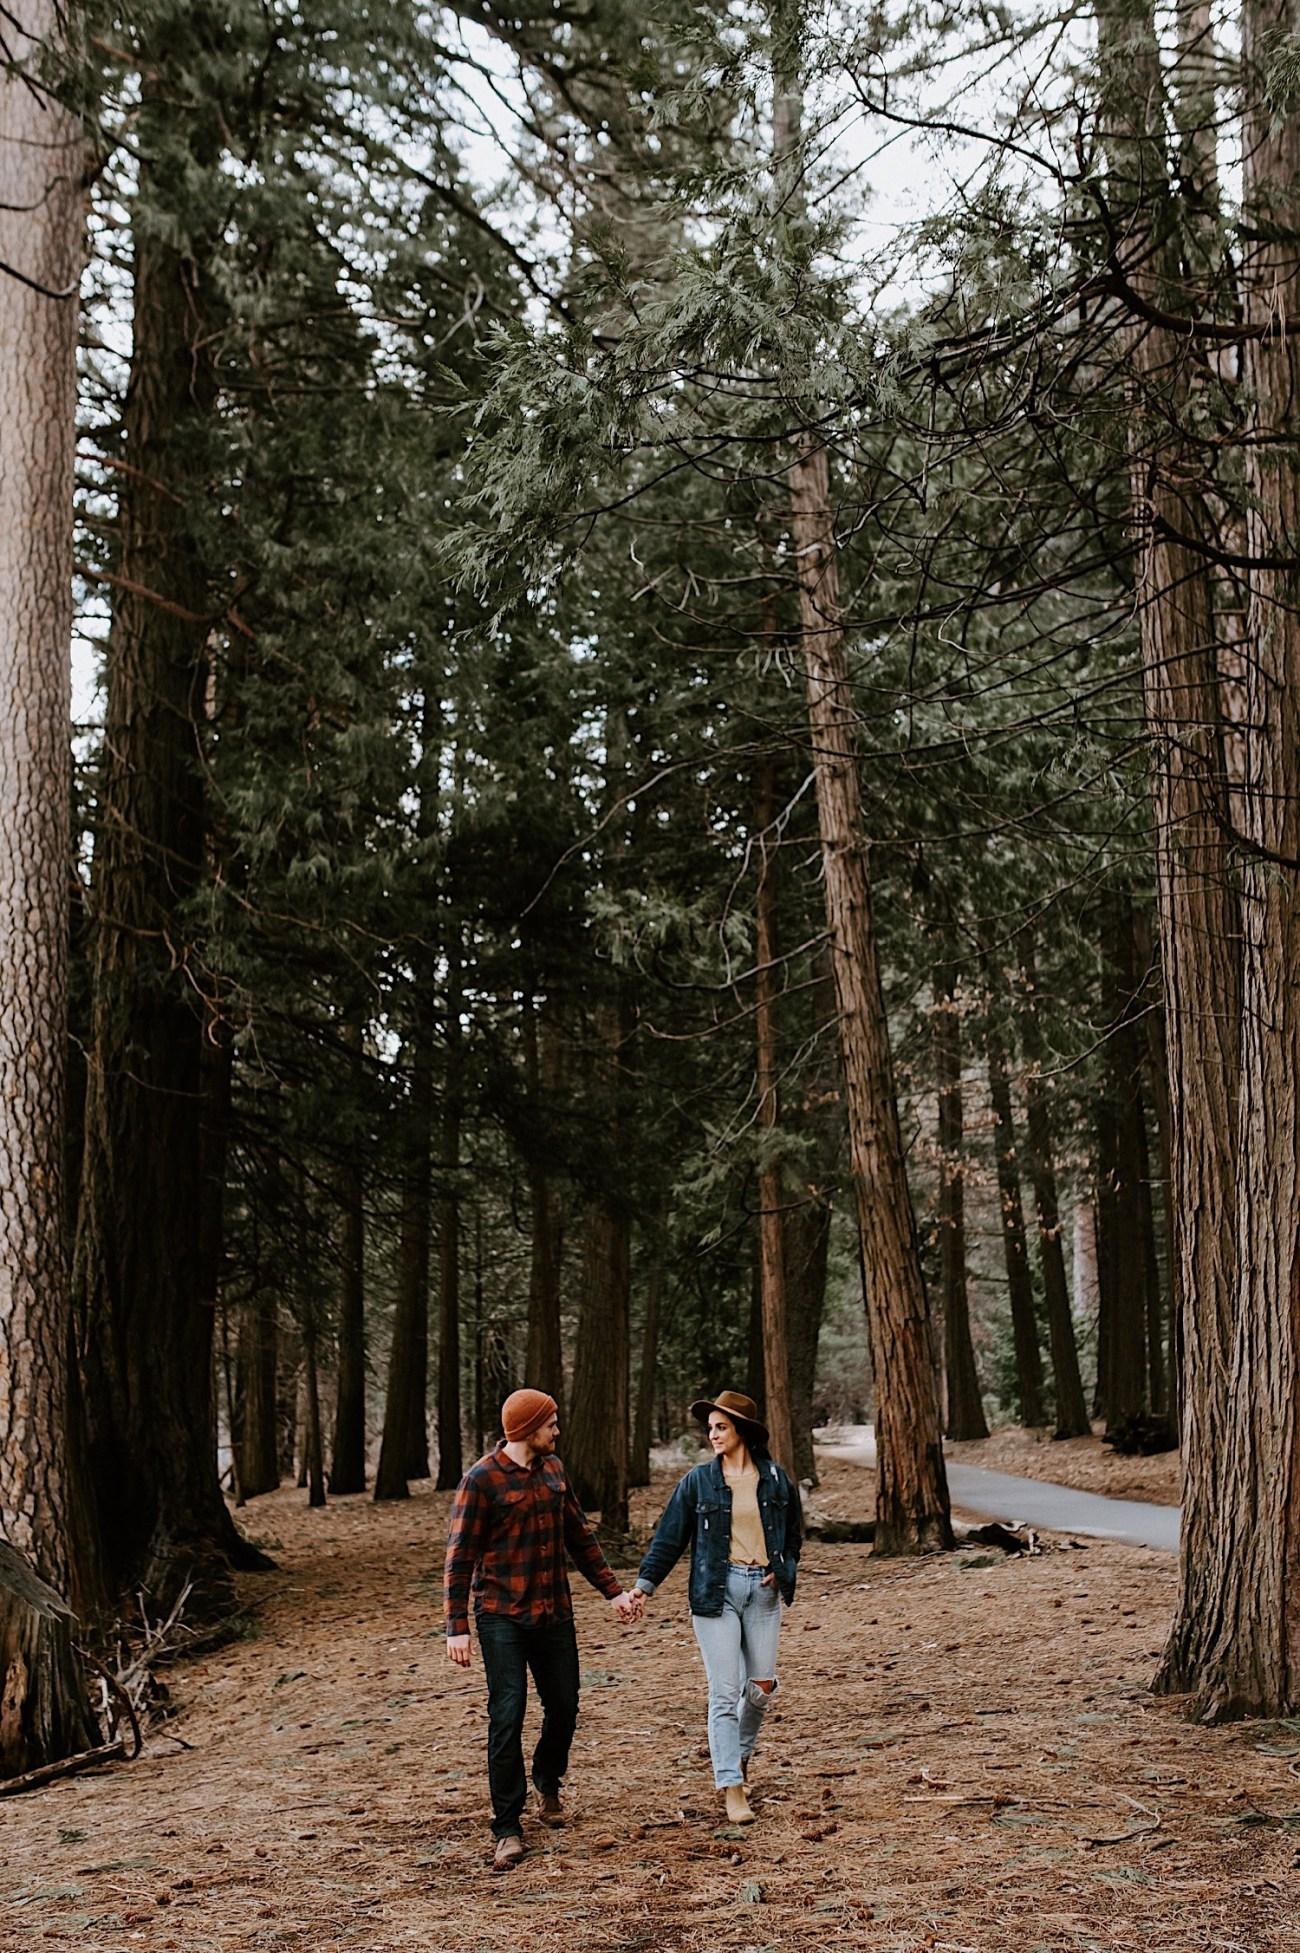 Yosemite Anniversary California Wedding Photographer San Francisco Wedding Photographer Yosemite Elopement 24